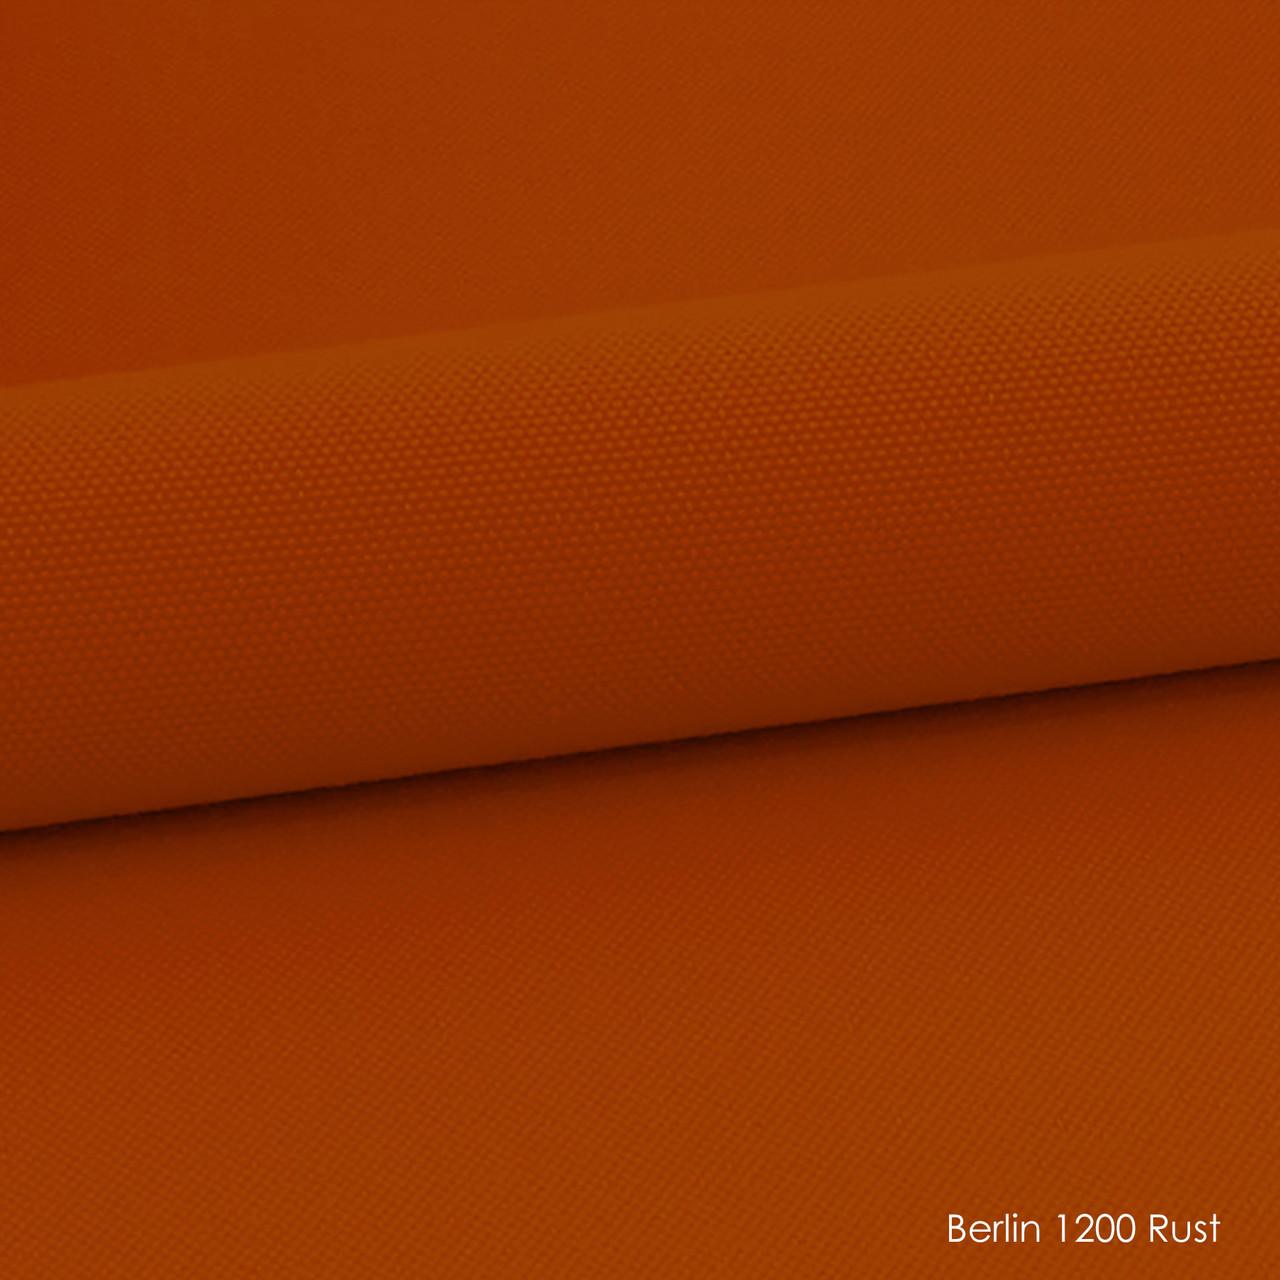 Ролеты тканевые Berlin 1200 rust